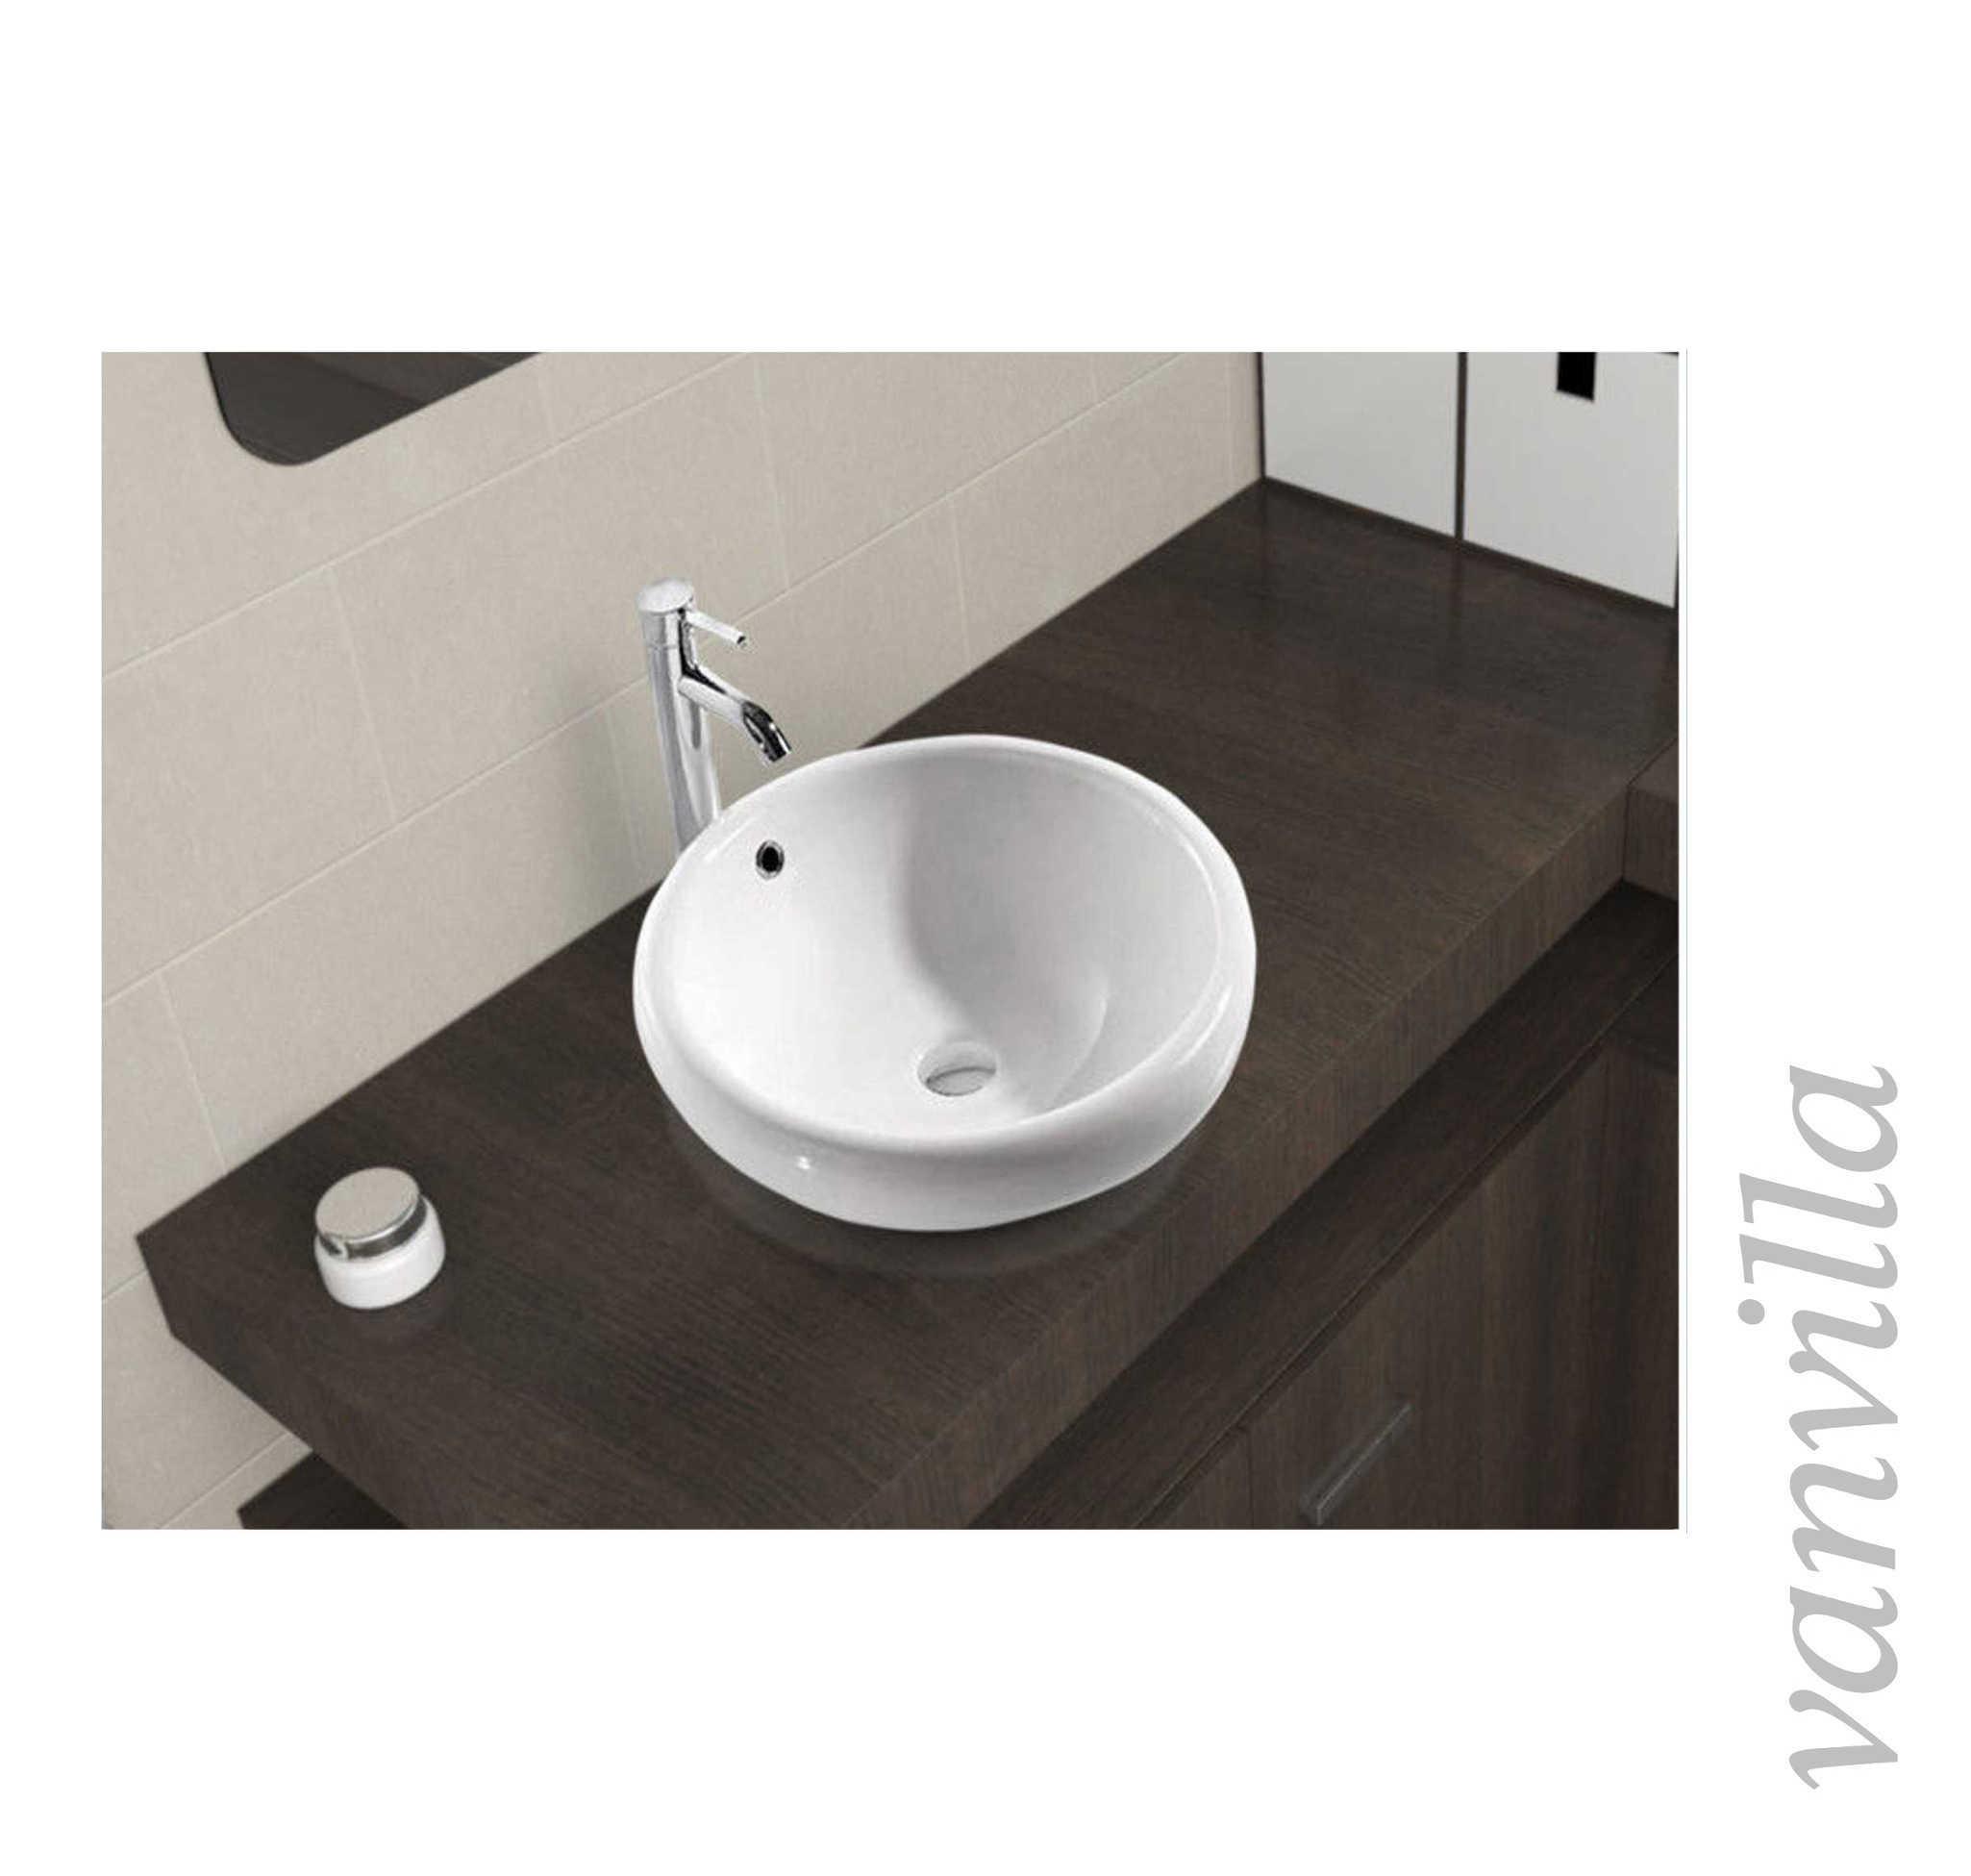 waschbecken keramik aufsatzbecken rund aufsatzwaschbecken. Black Bedroom Furniture Sets. Home Design Ideas